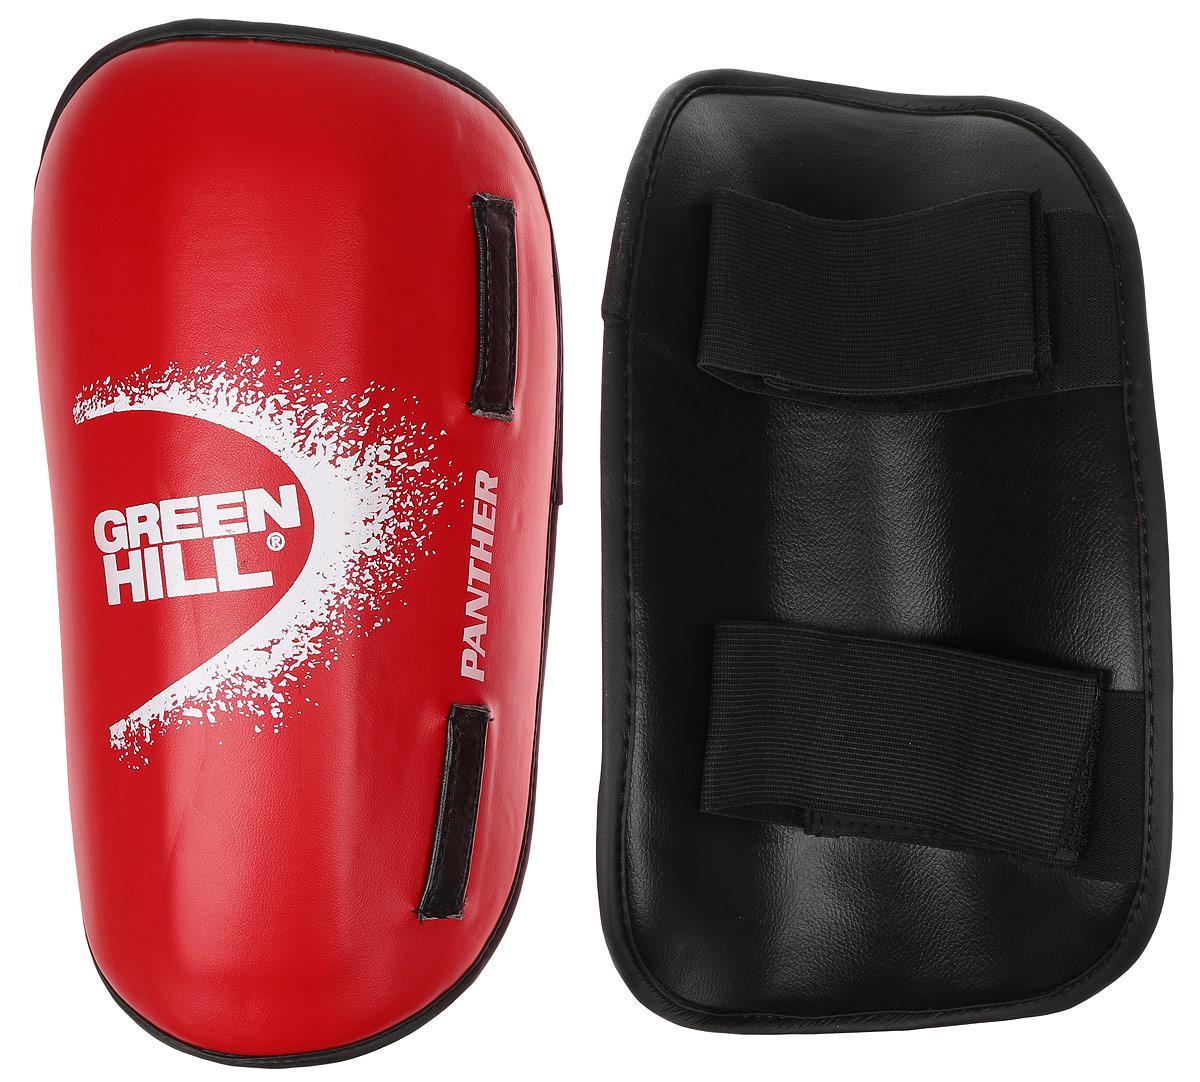 Защита голени Green Hill Panther, цвет: красный, белый. Размер S. SPP-2124BB1637Защита голени Green Hill Panther с наполнителем, выполненным из вспененного полимера, необходима при занятиях спортом для защиты суставов от вывихов, ушибов и прочих повреждений. Накладки выполнены из высококачественной искусственной кожи. Закрепляются на ноге при помощи эластичных лент и липучек.Длина голени: 30 см.Ширина голени: 15 см.